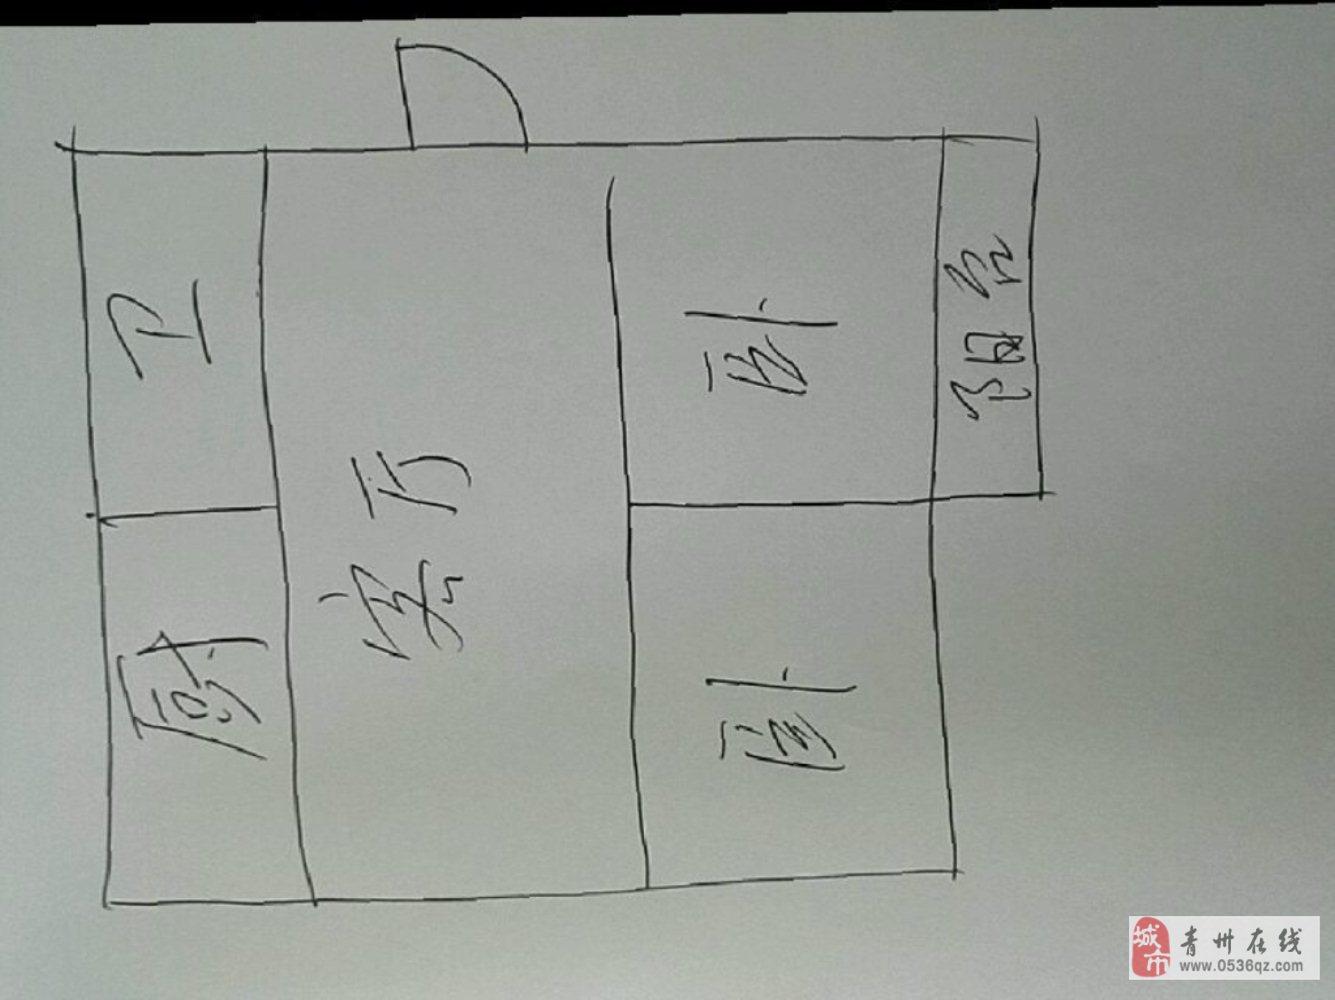 旗城家园2楼精装2室73平+车库68万可贷款